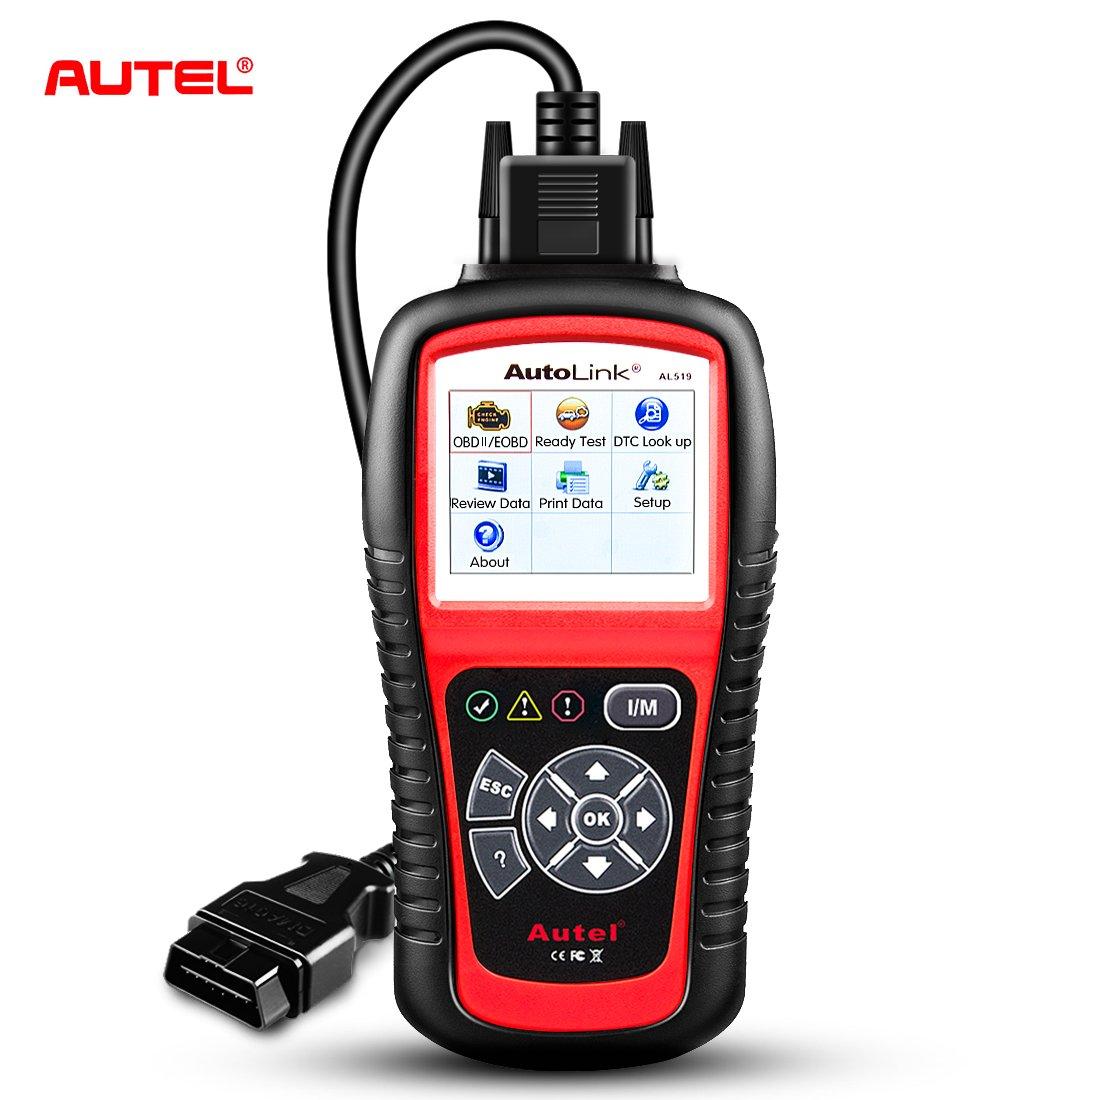 Autel MD805 OBD2 Diagnostique Voiture avec Systè me DTC Full Lecteur de Code de Dé faut Vé hicule Scanner pour ABS/OLS/EPB/Transmission/Airbag